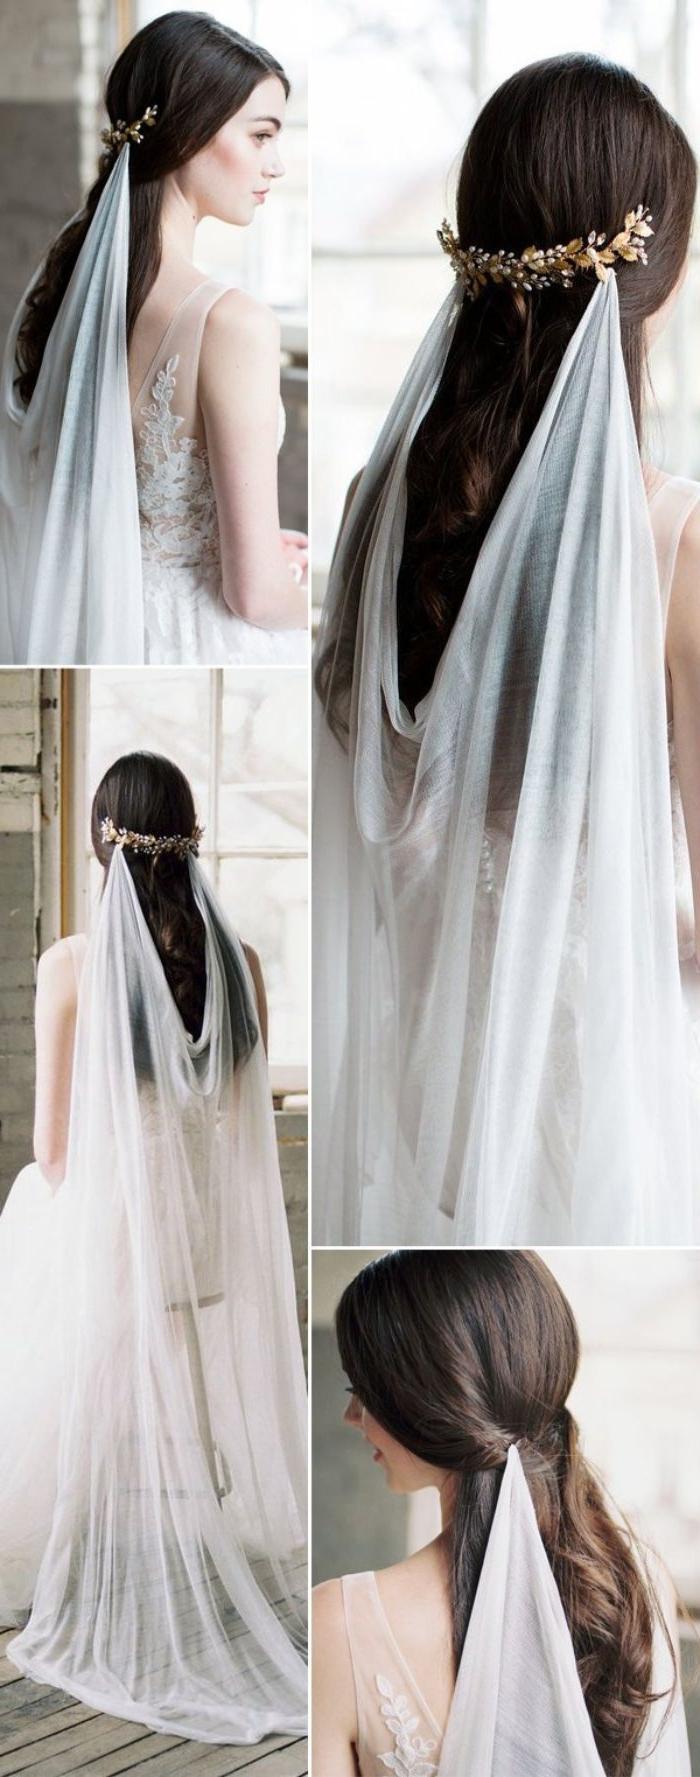 frisuren hochzeit, simpler griechischer style ohne viele details, weißes kleid, schwarze haare